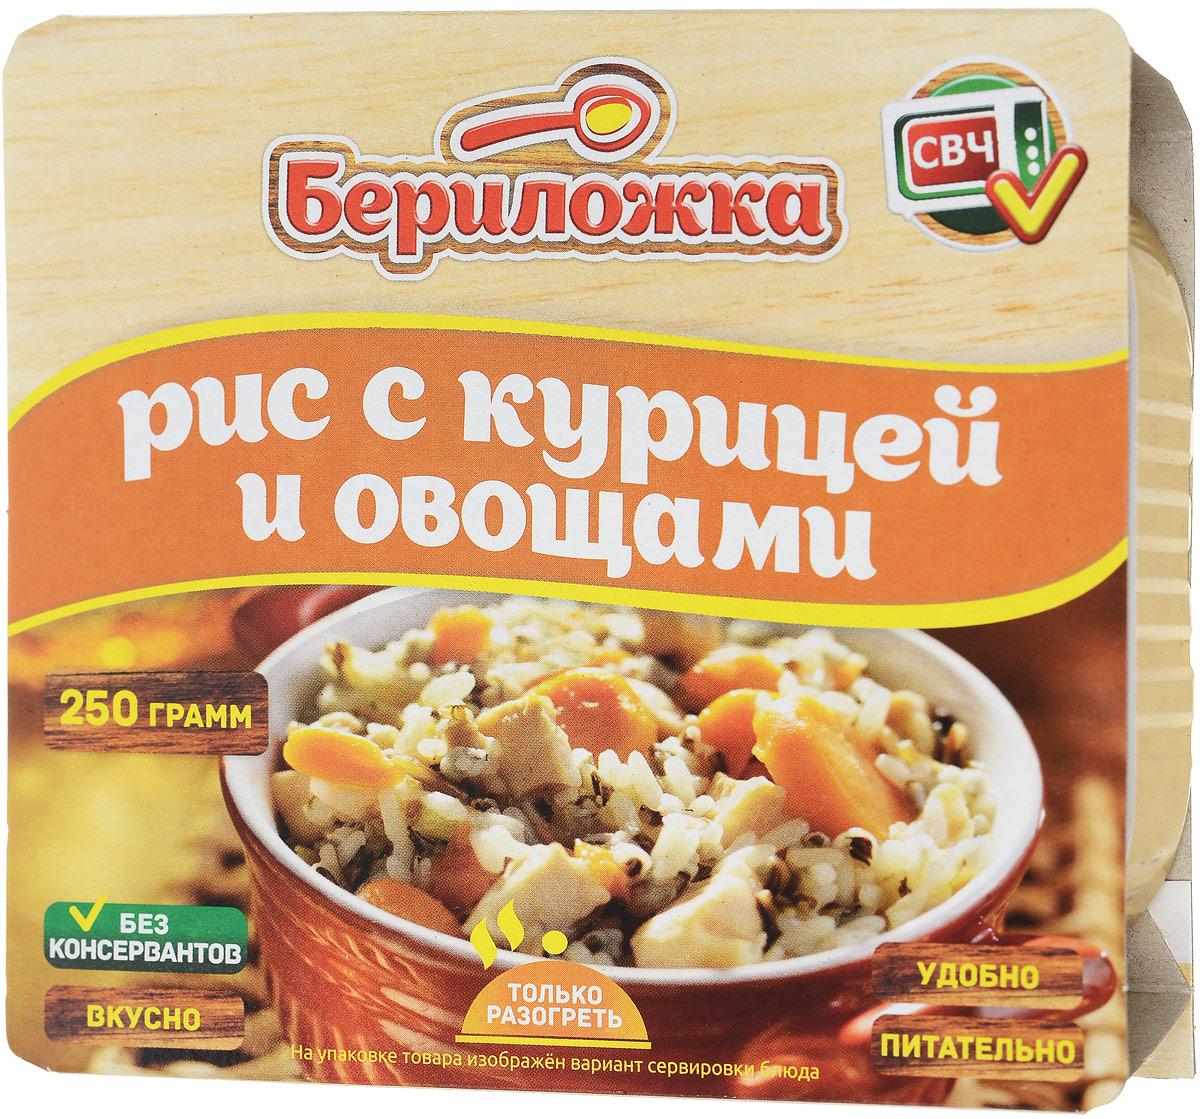 Бериложка рис с курицей и овощами, 250 г casa rinaldi рис арборио среднезерный 500 г